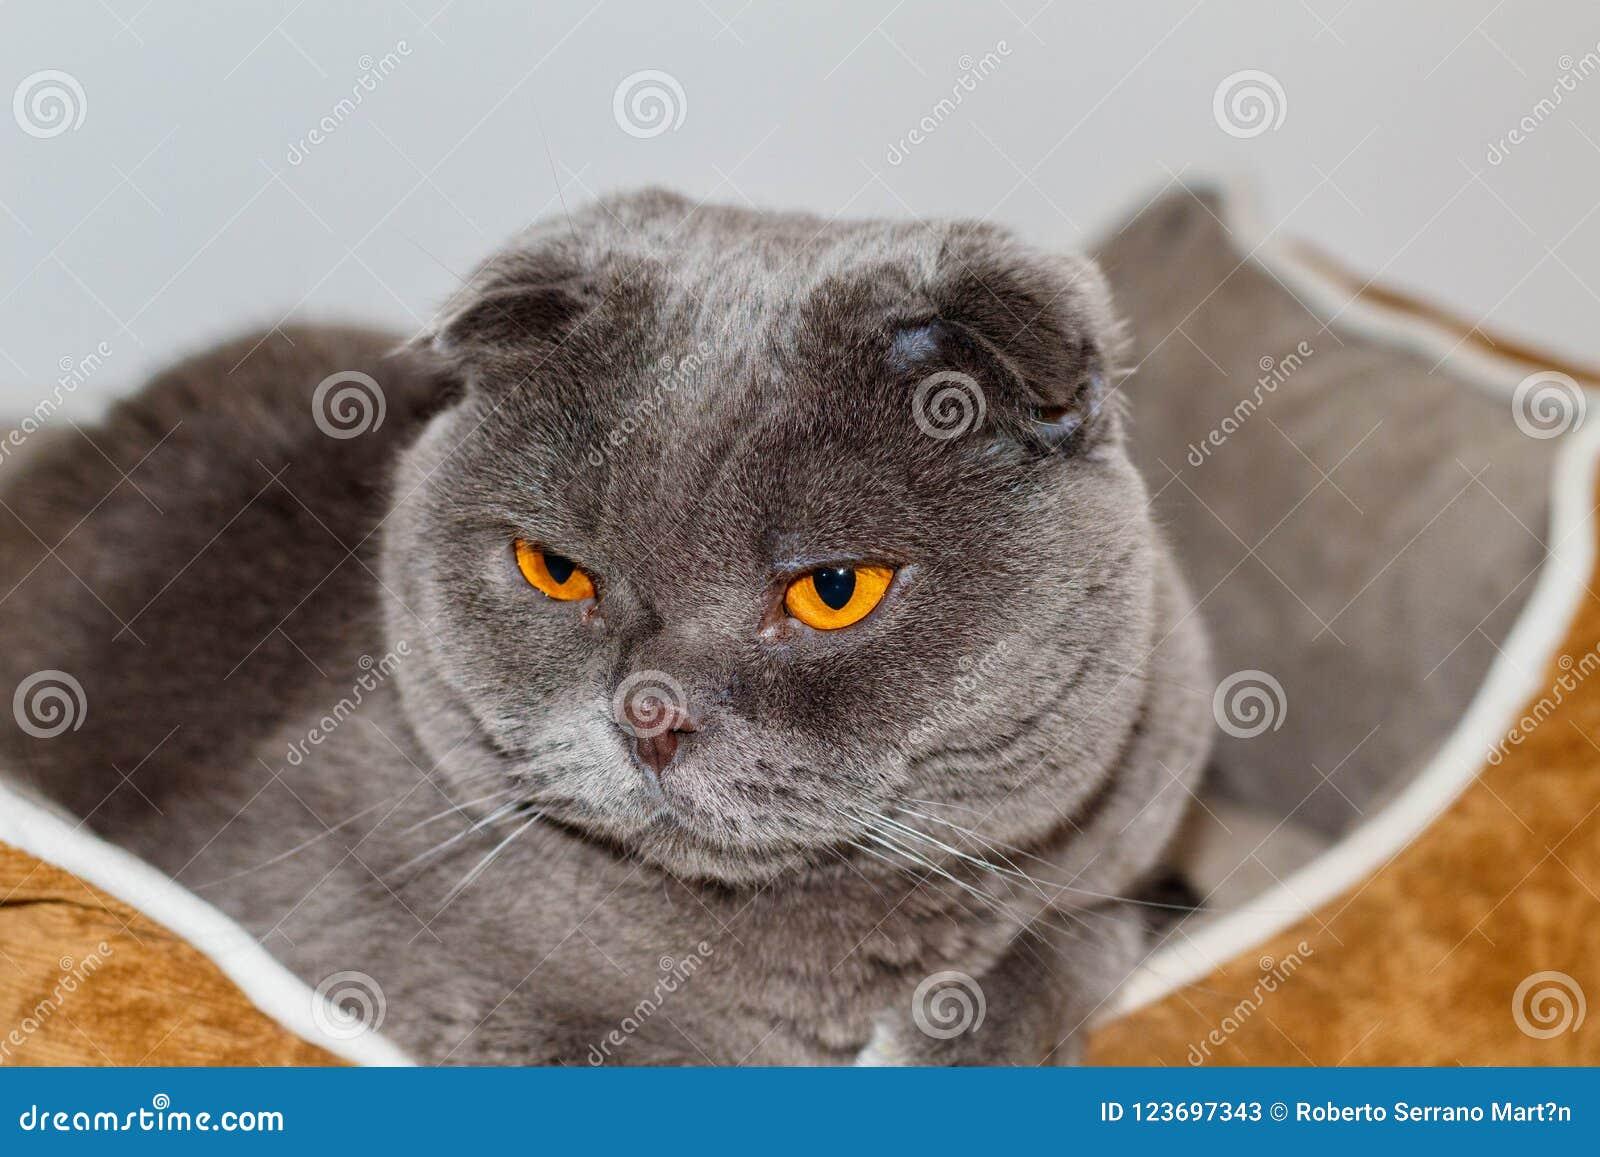 Meu animal de estimação loving e adorável Um Scottish do gato dobra os olhos cinzentos e alaranjados chamados de Pelusi